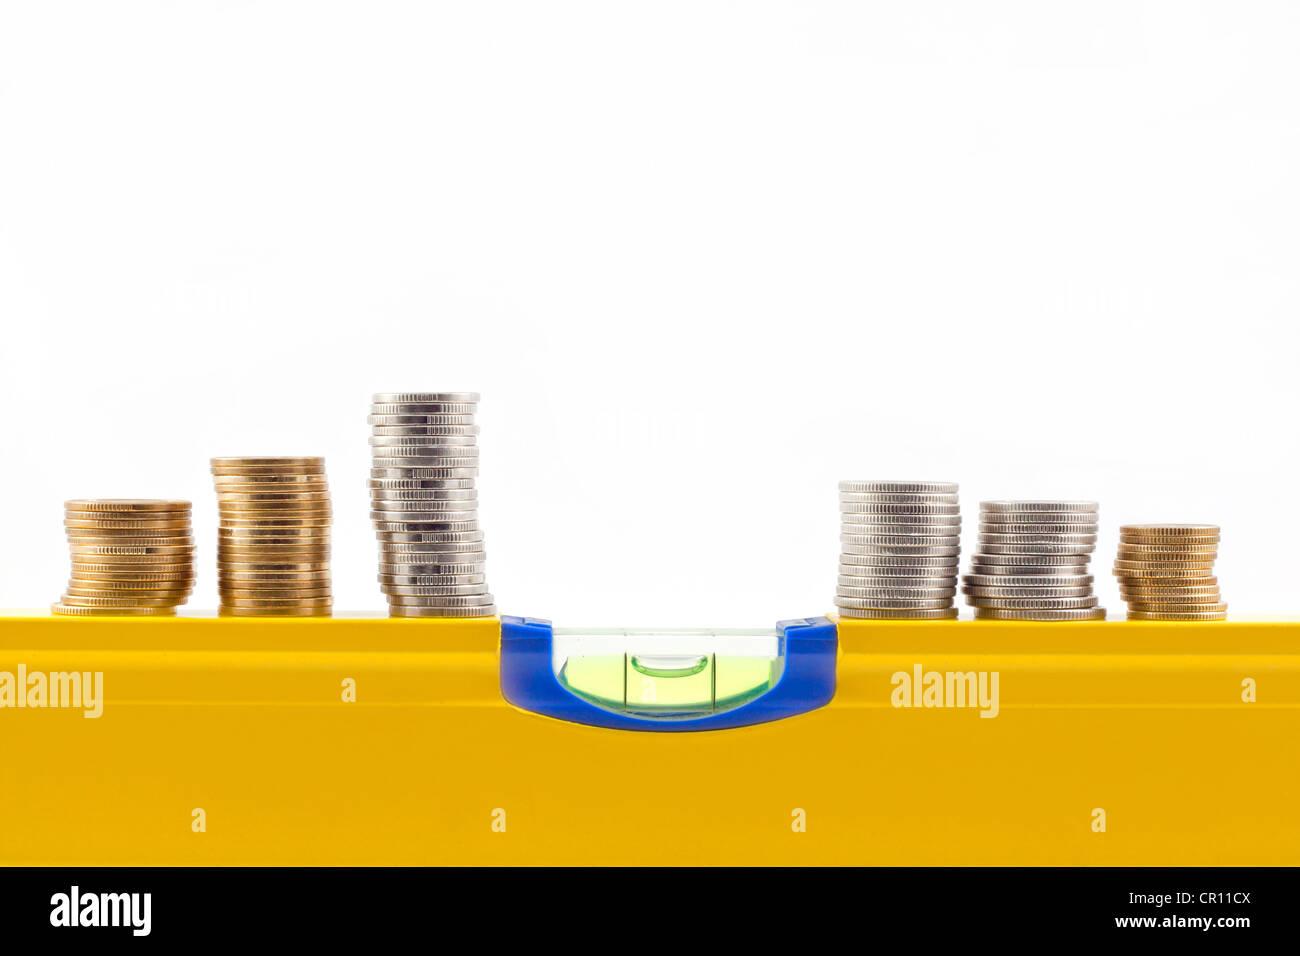 La estabilidad y el cambio en la tasa de dinero abstracto sobre fondo blanco. Imagen De Stock